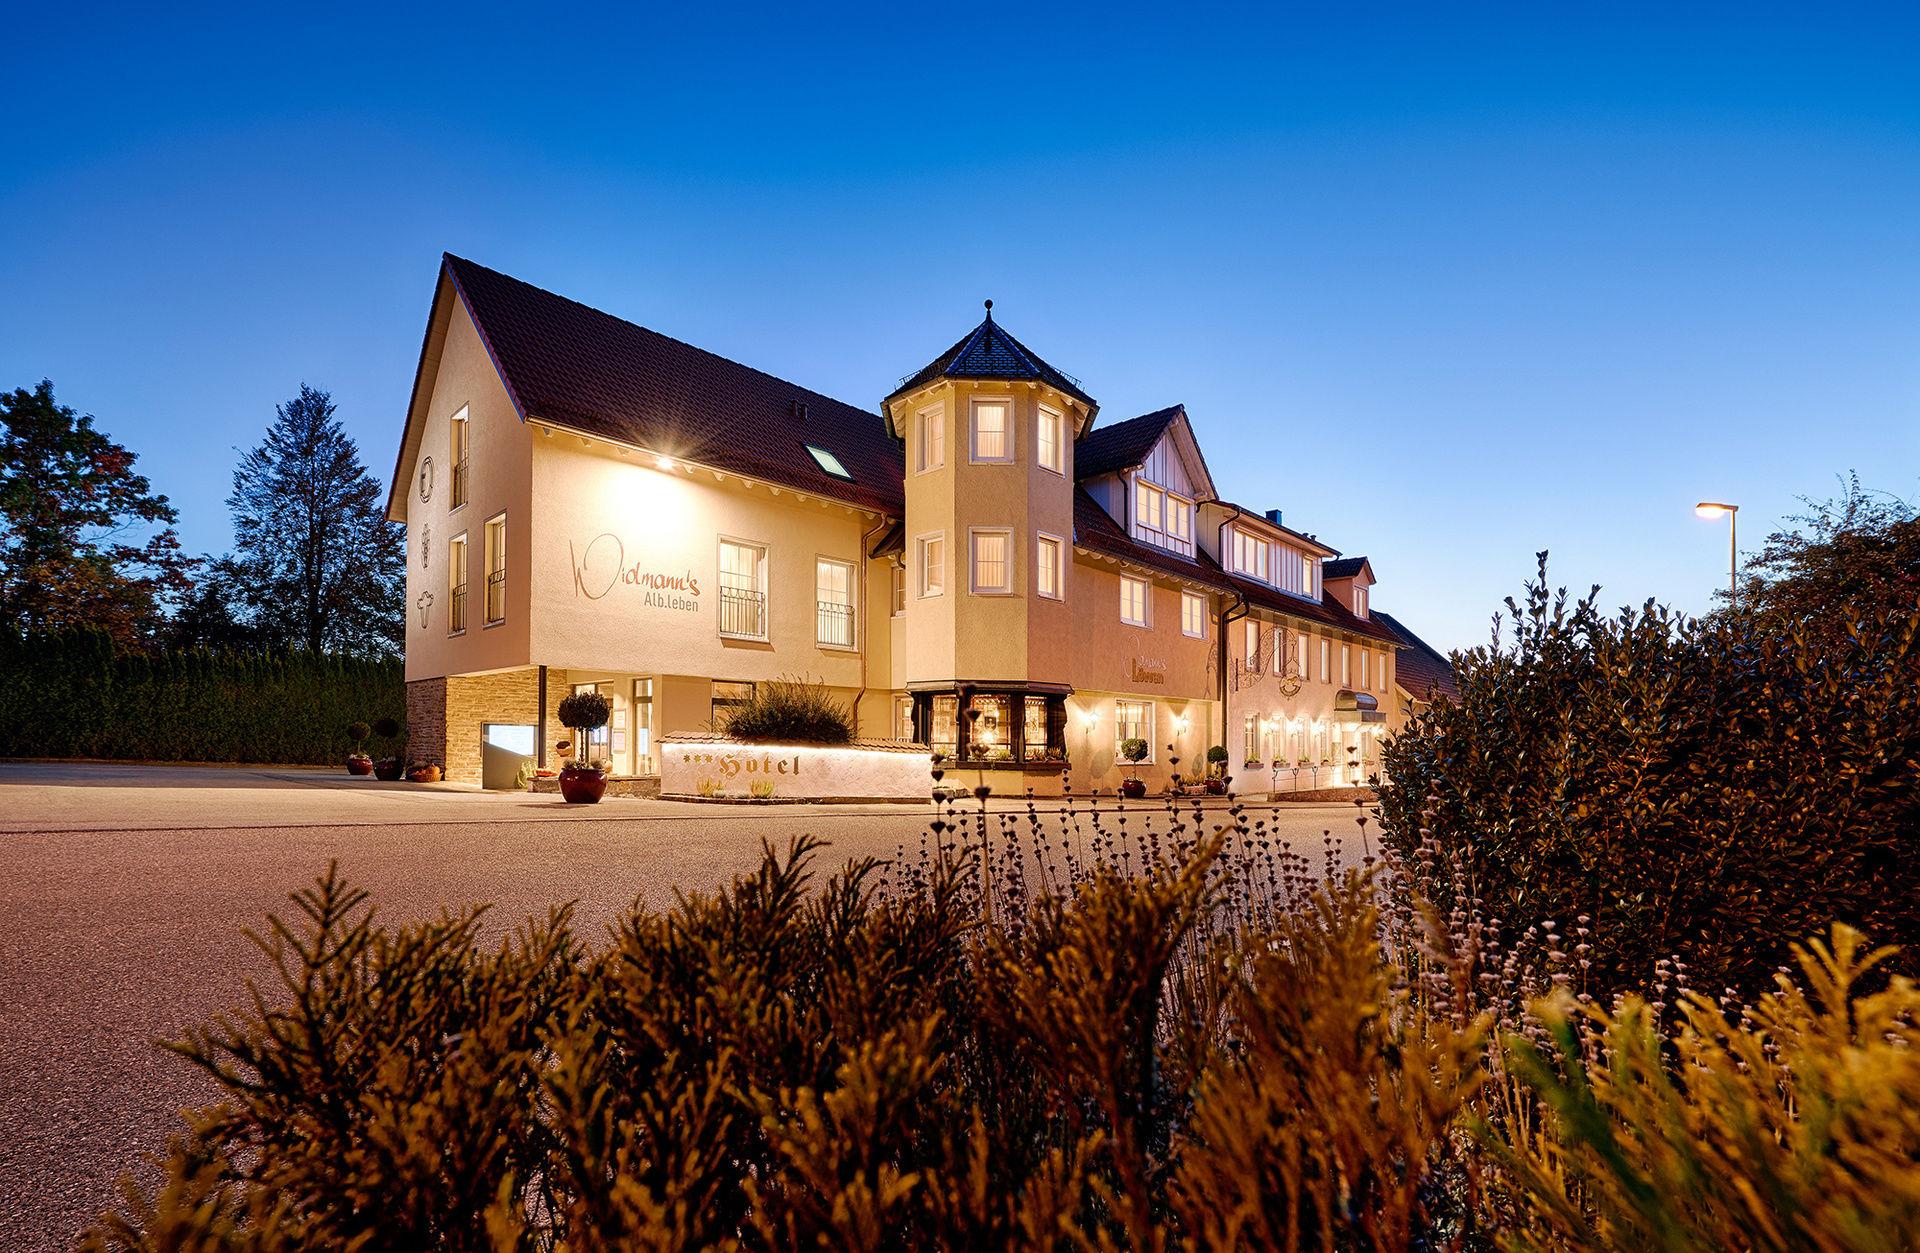 Hotel Restaurant Widmann S Lowen In Zang Konigsbronn